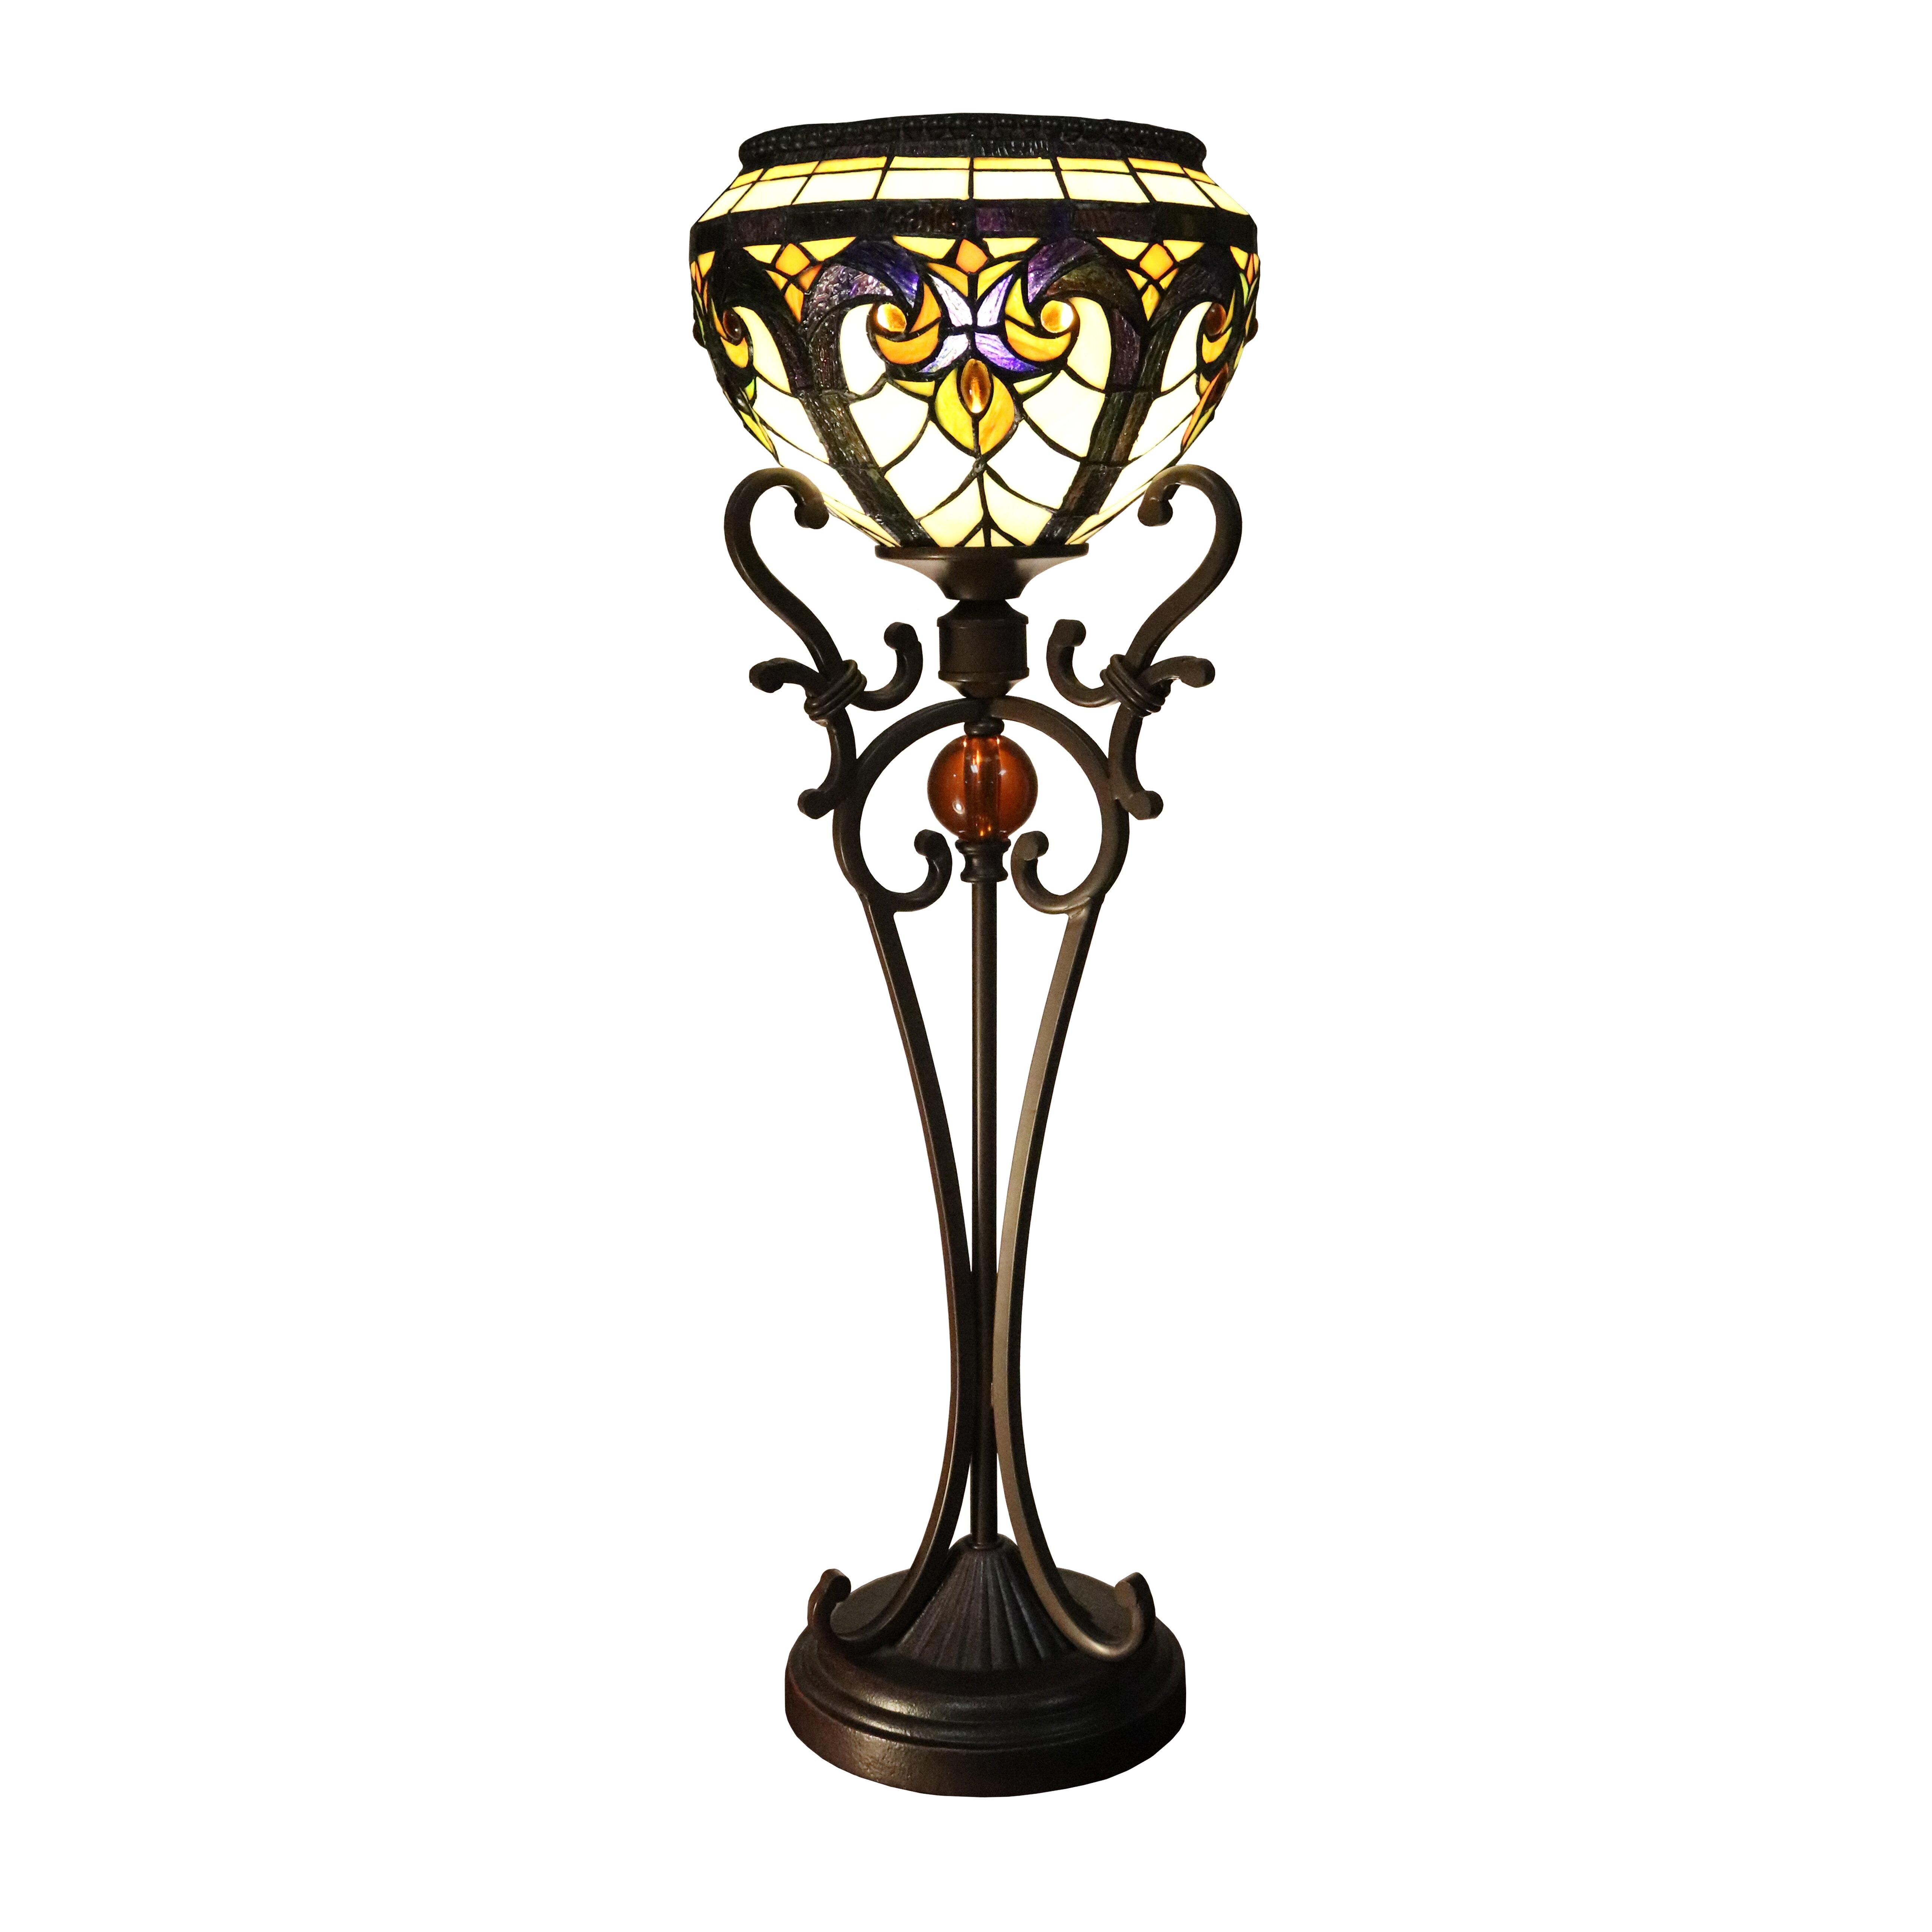 Warehouse of tiffany victorian 27 table lamp Warehouse of tiffany